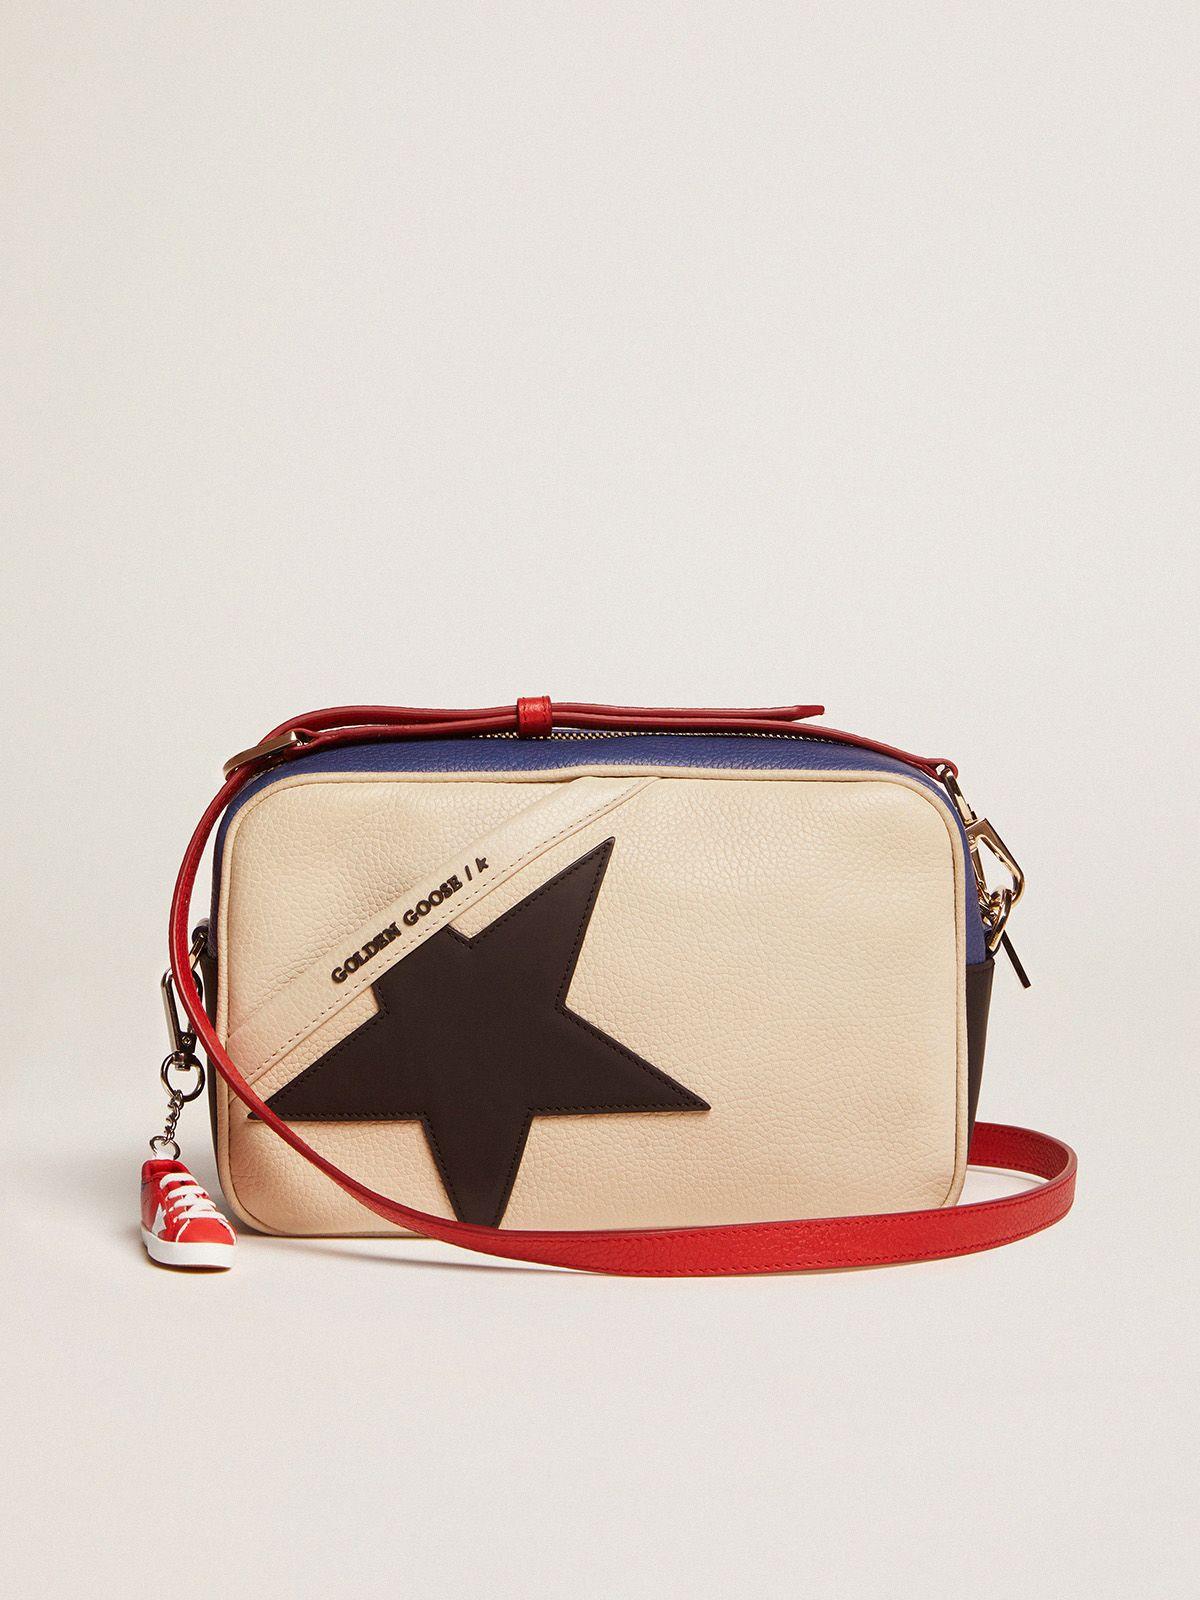 Borsa Star Bag in pelle granata con stella nera